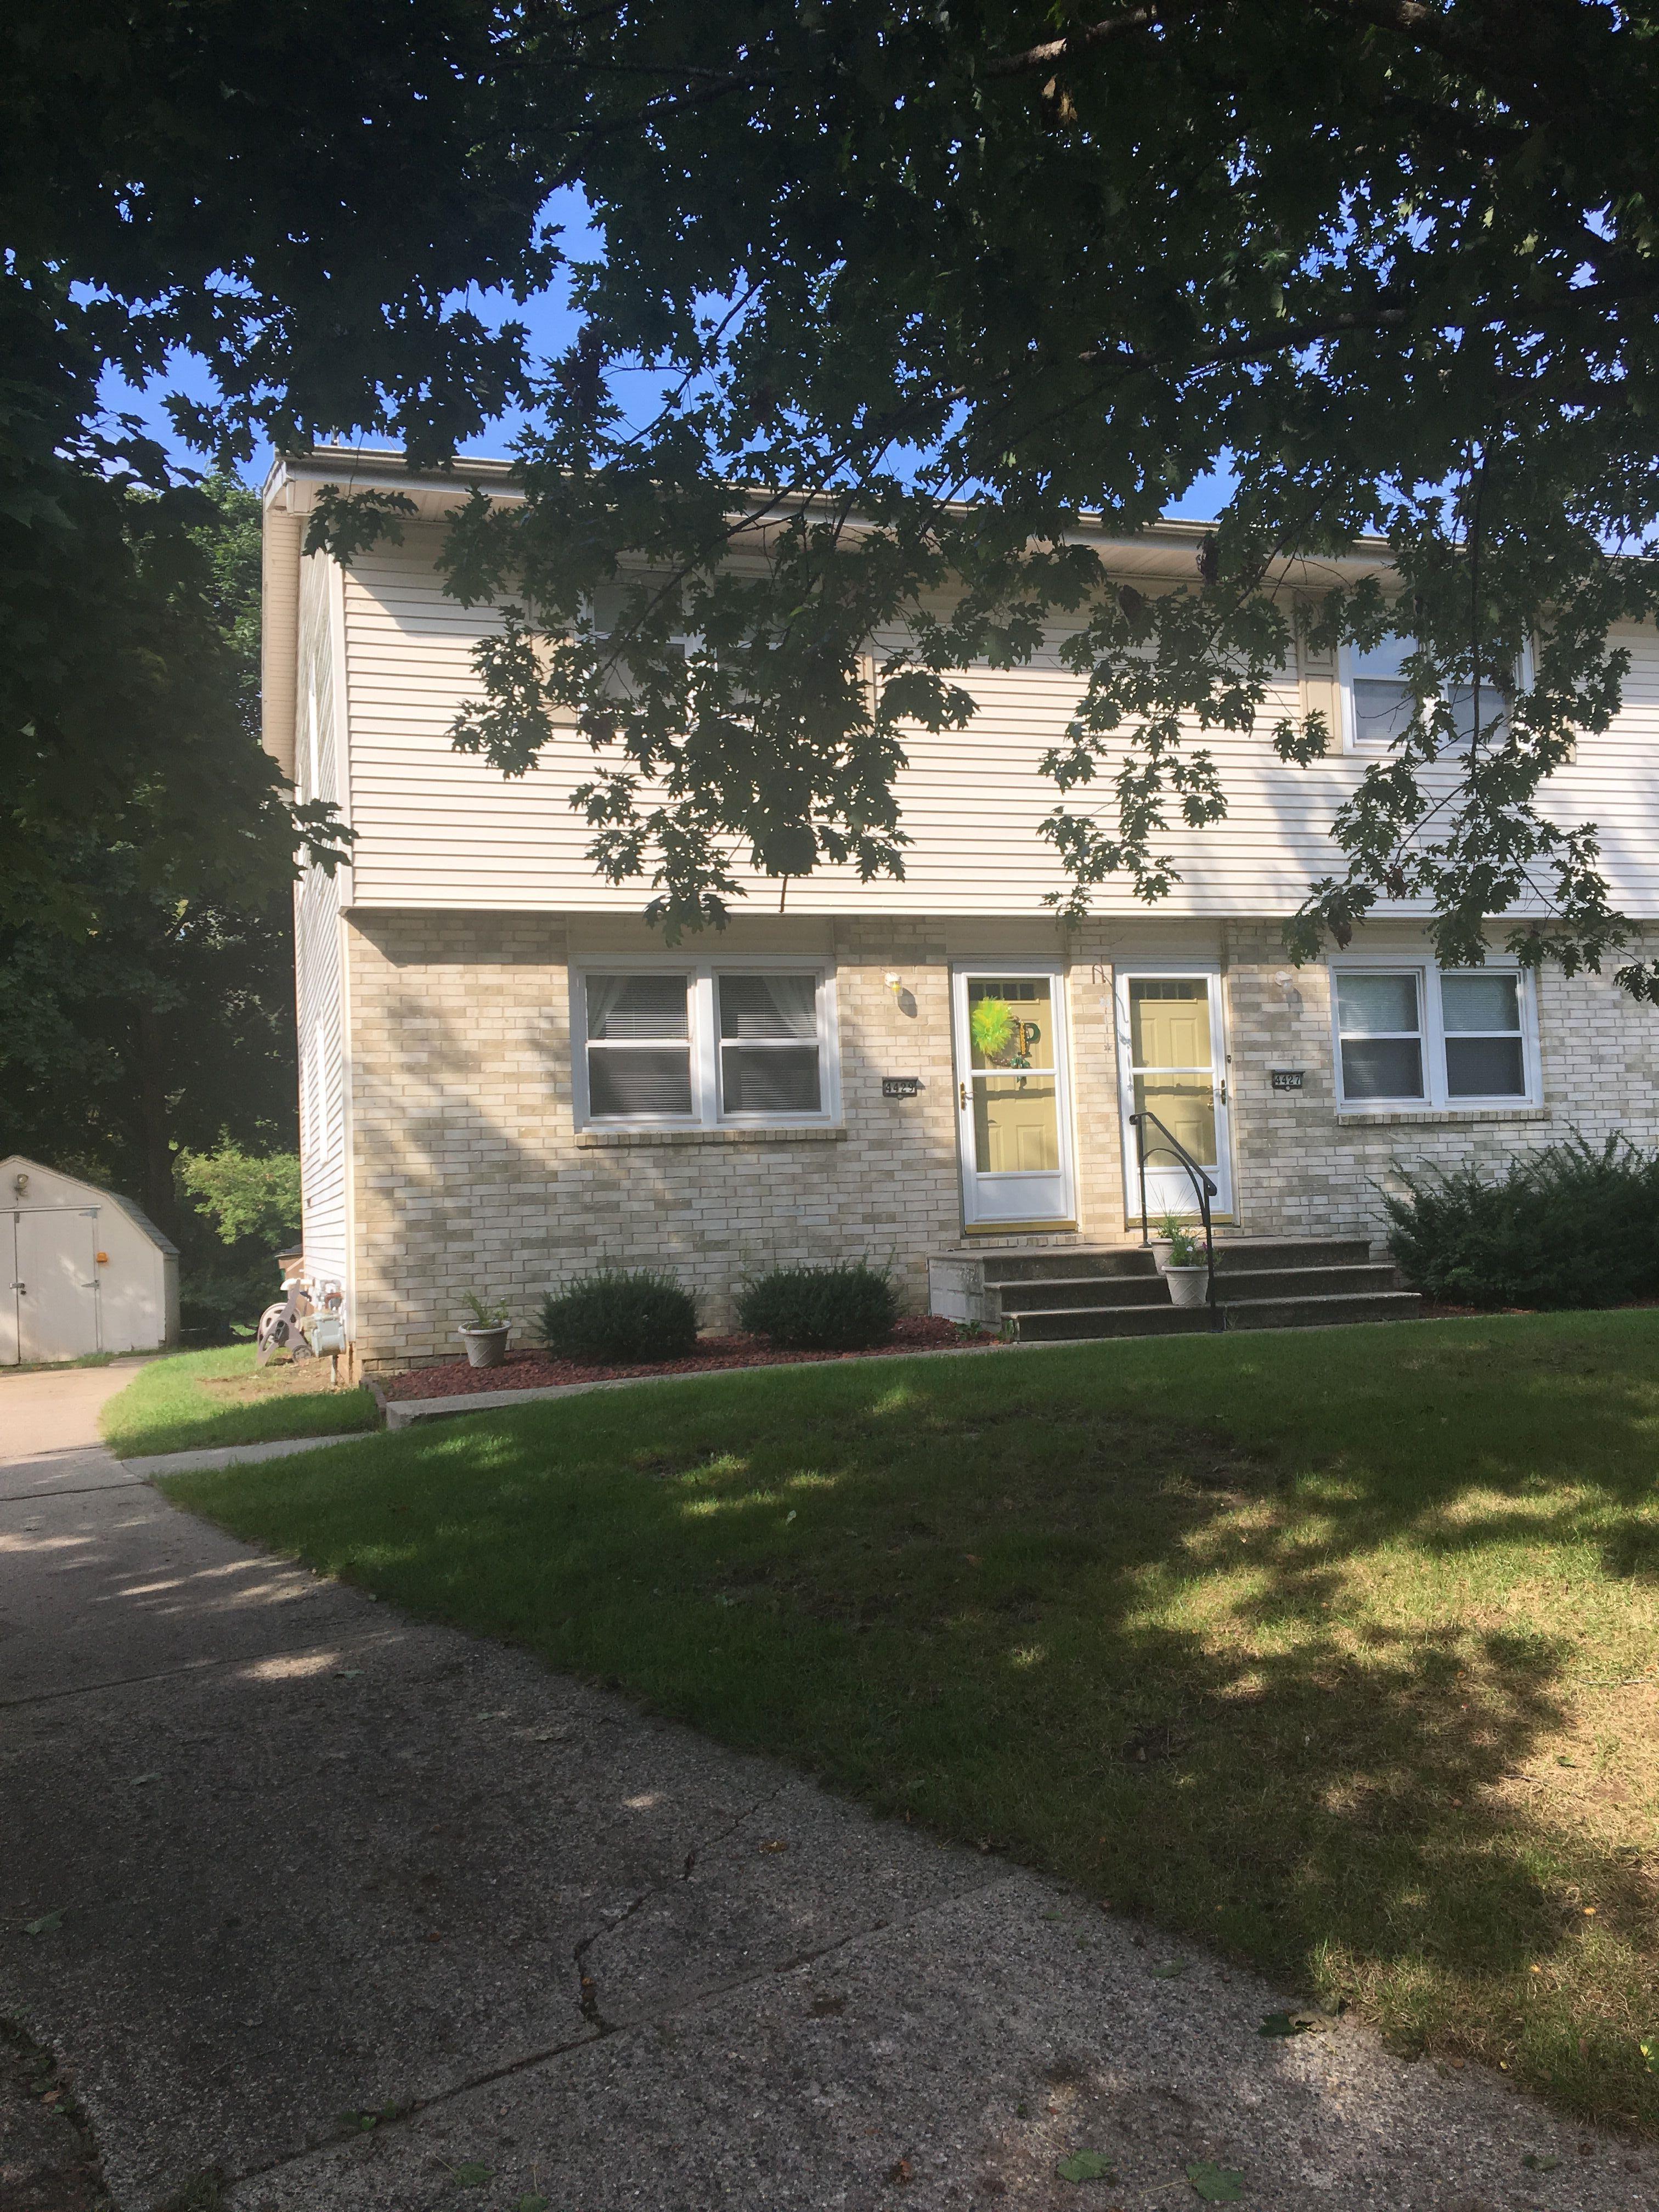 4427-4429 Concord Drive (Image - 3)